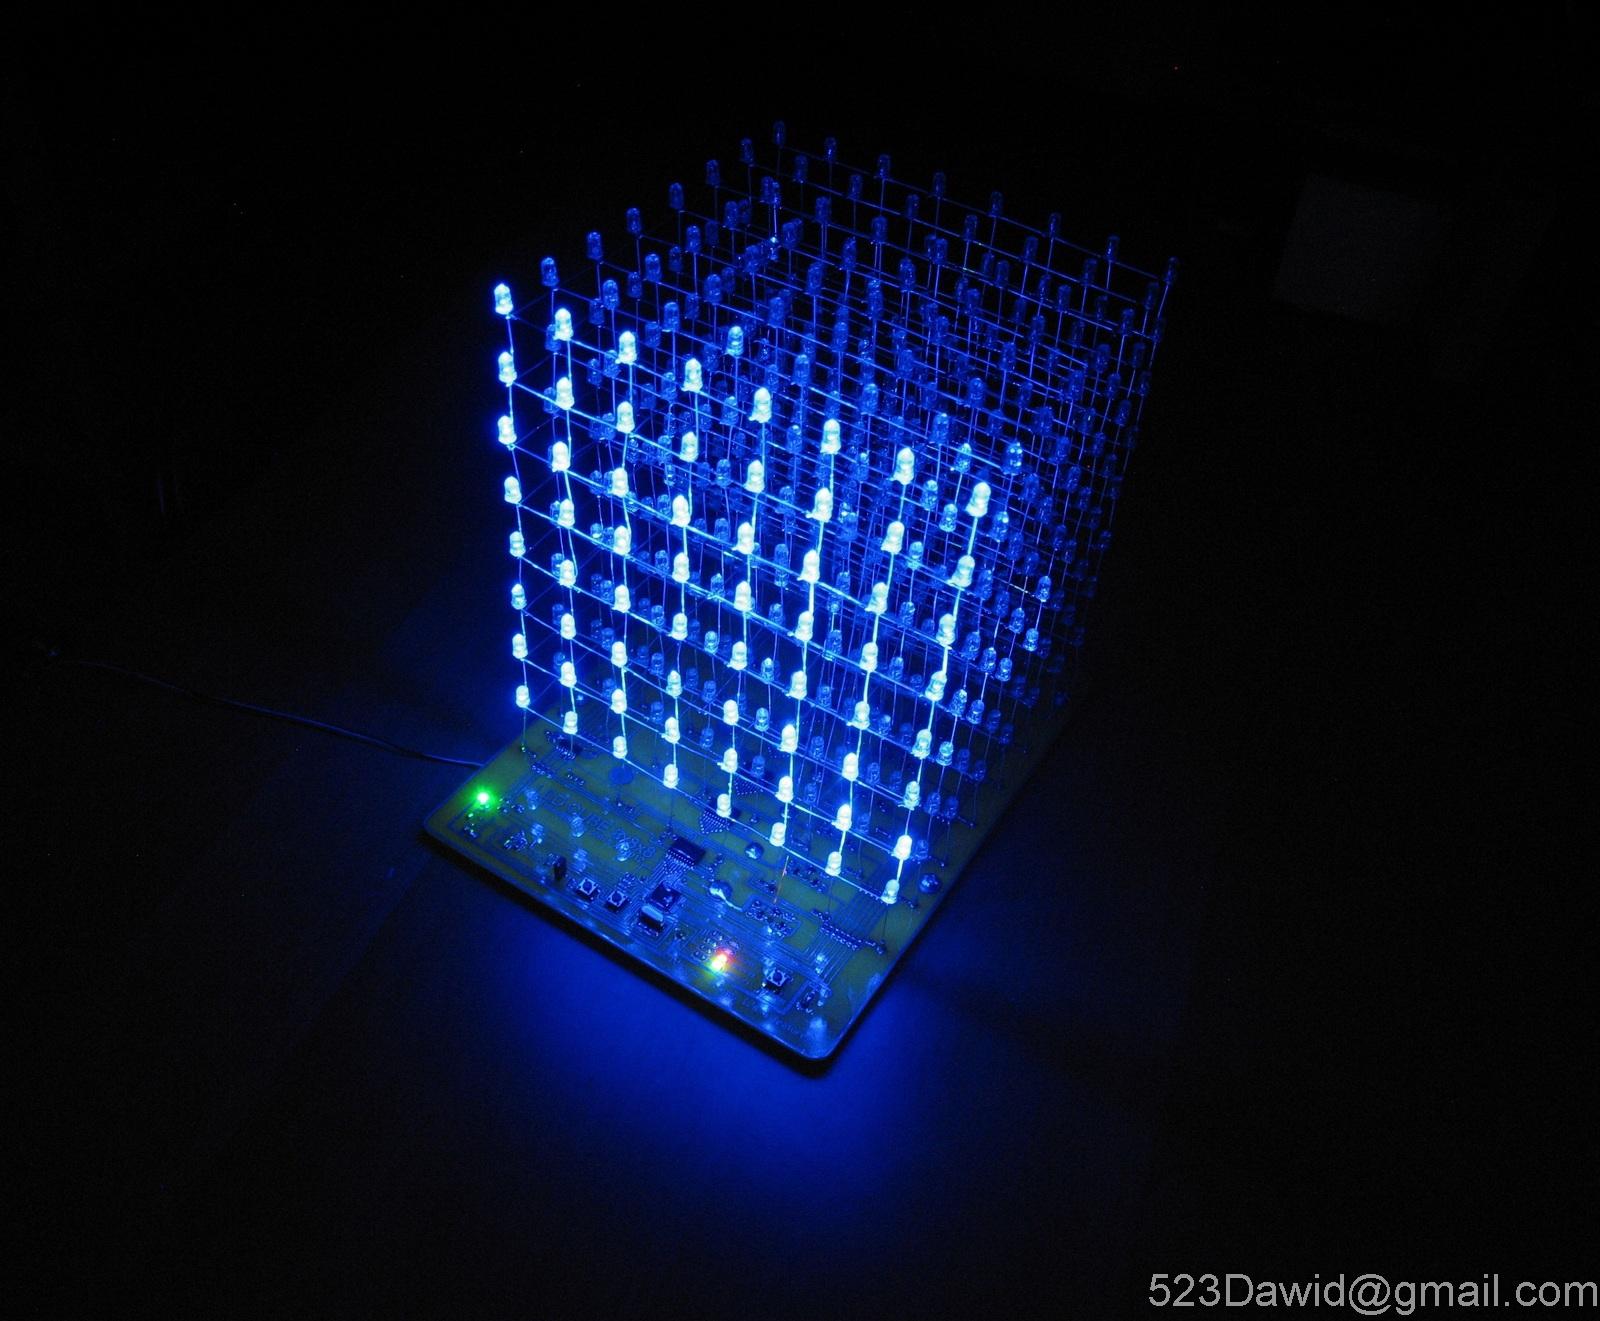 Led Cube 8x8x8 @Atmega16